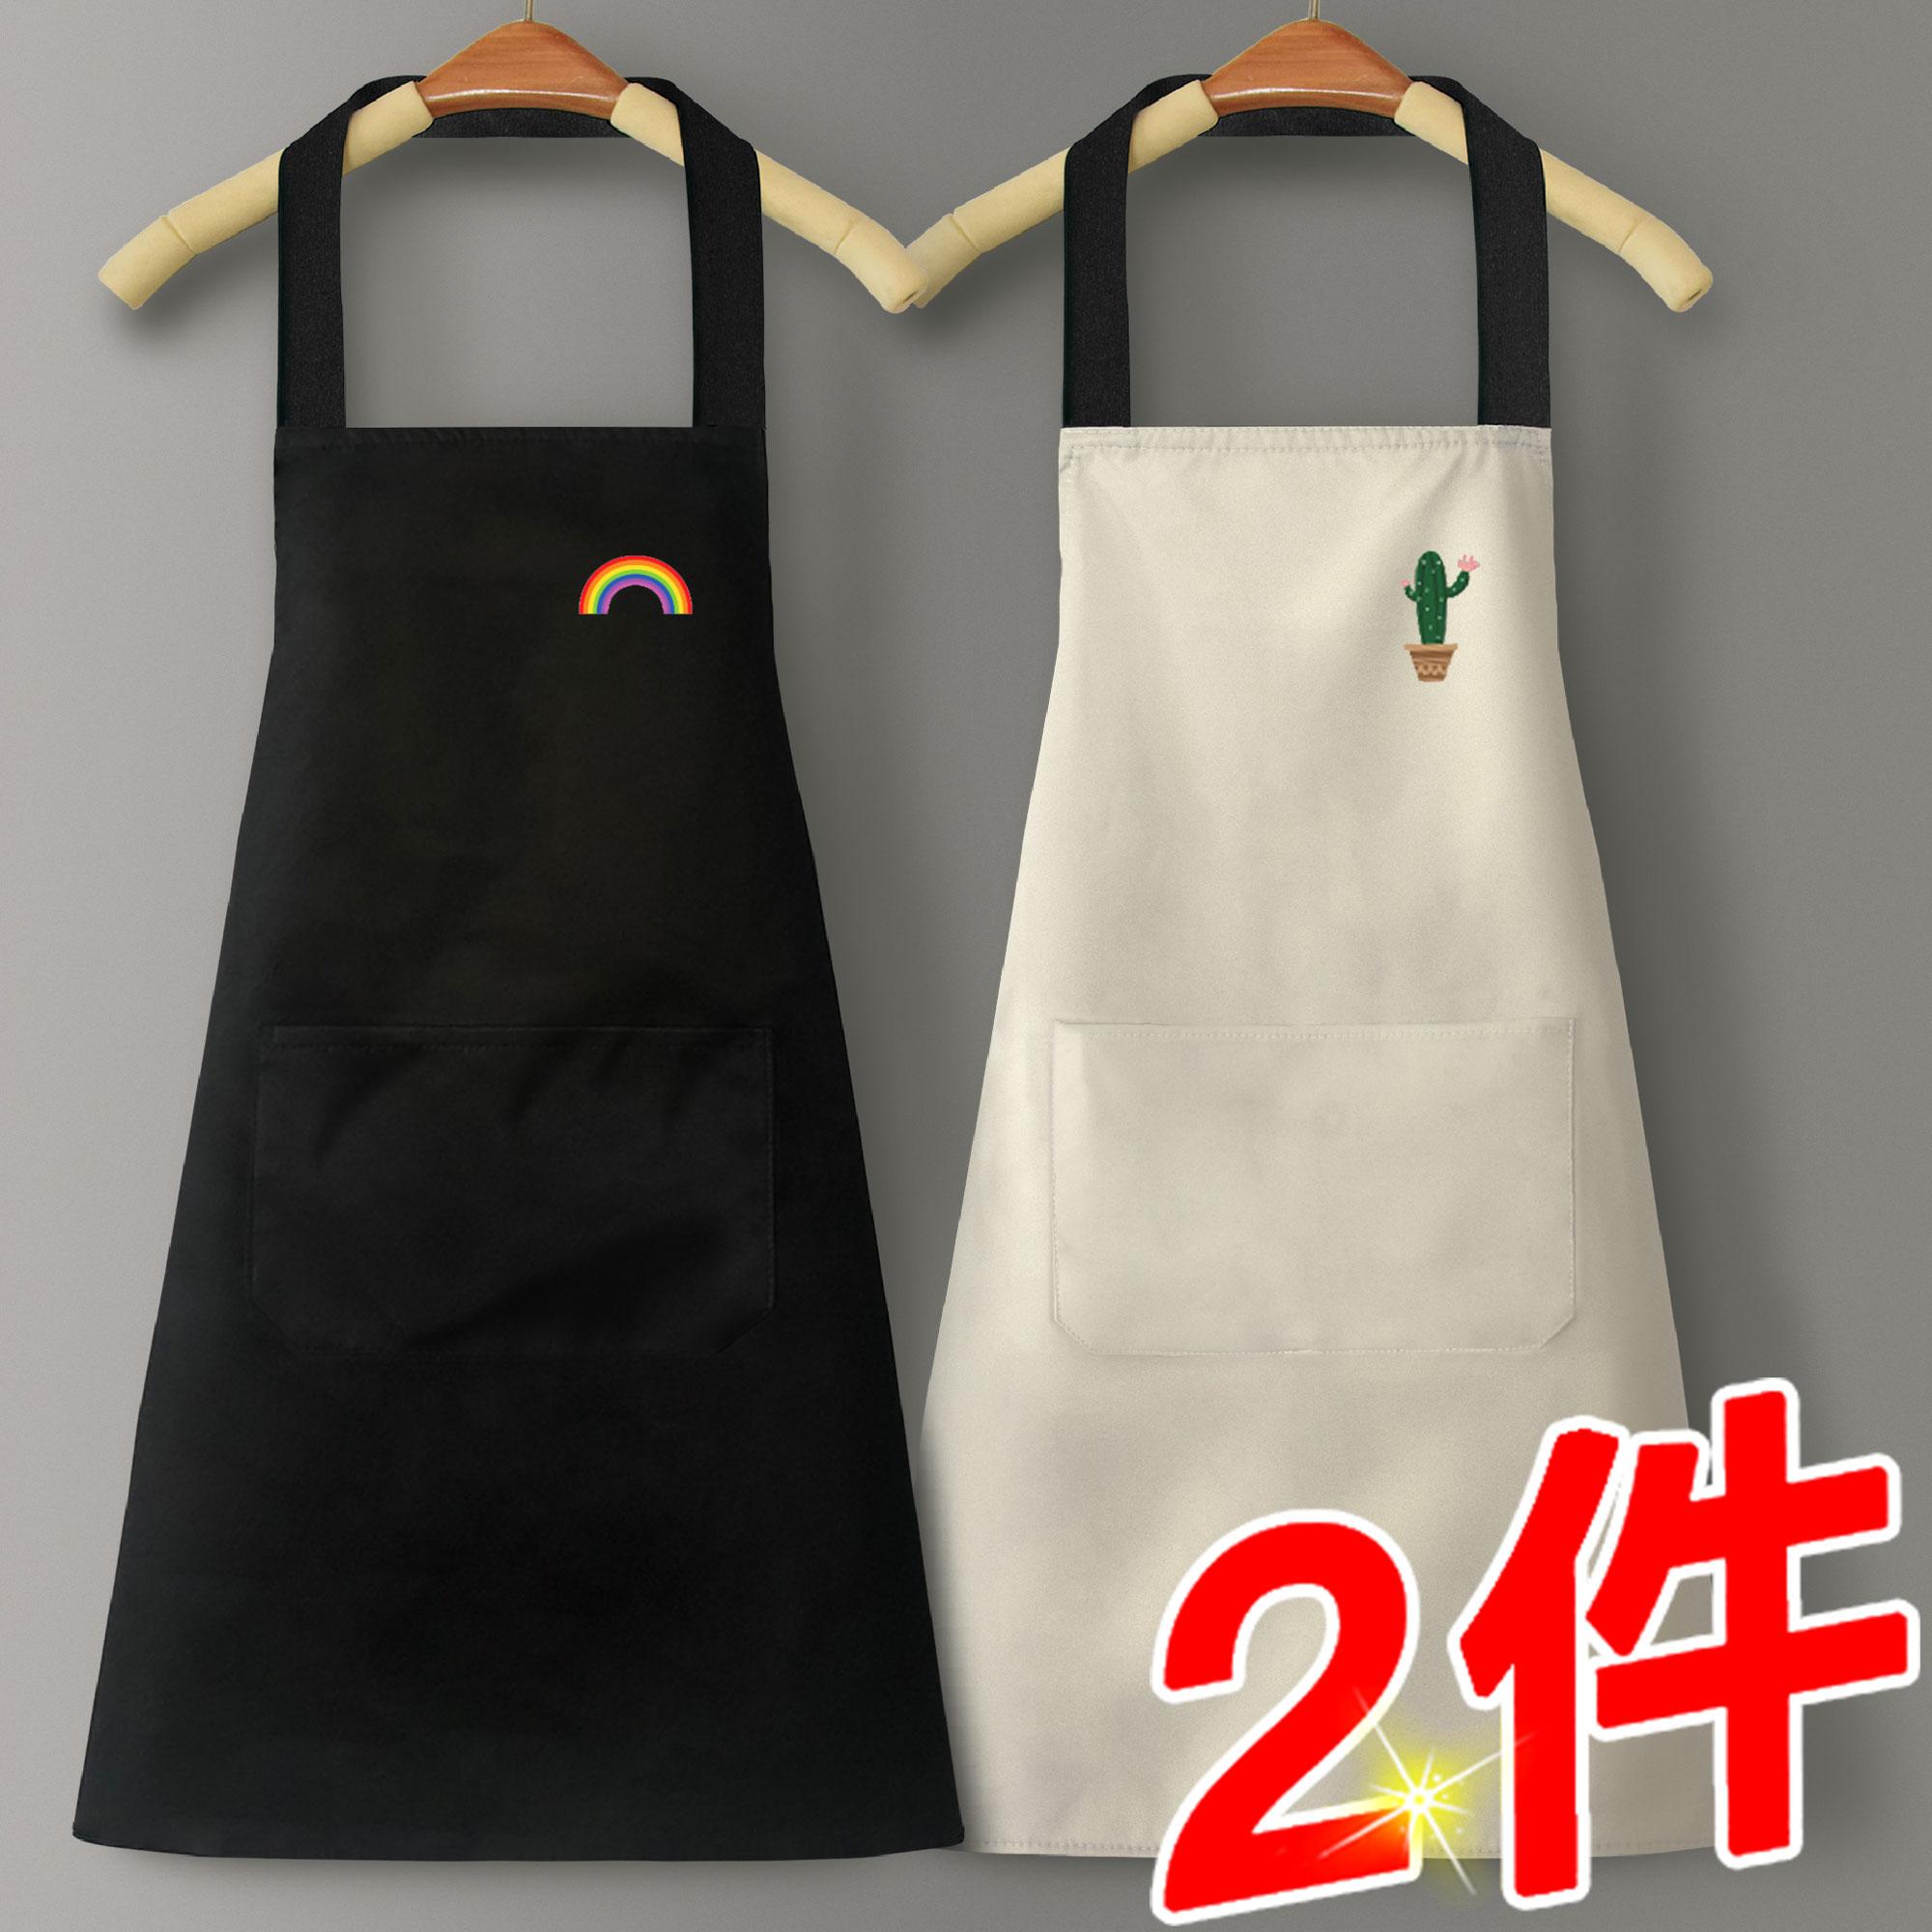 围裙家用厨房防水防油男女工作服布定制logo印字可爱日系韩版时尚